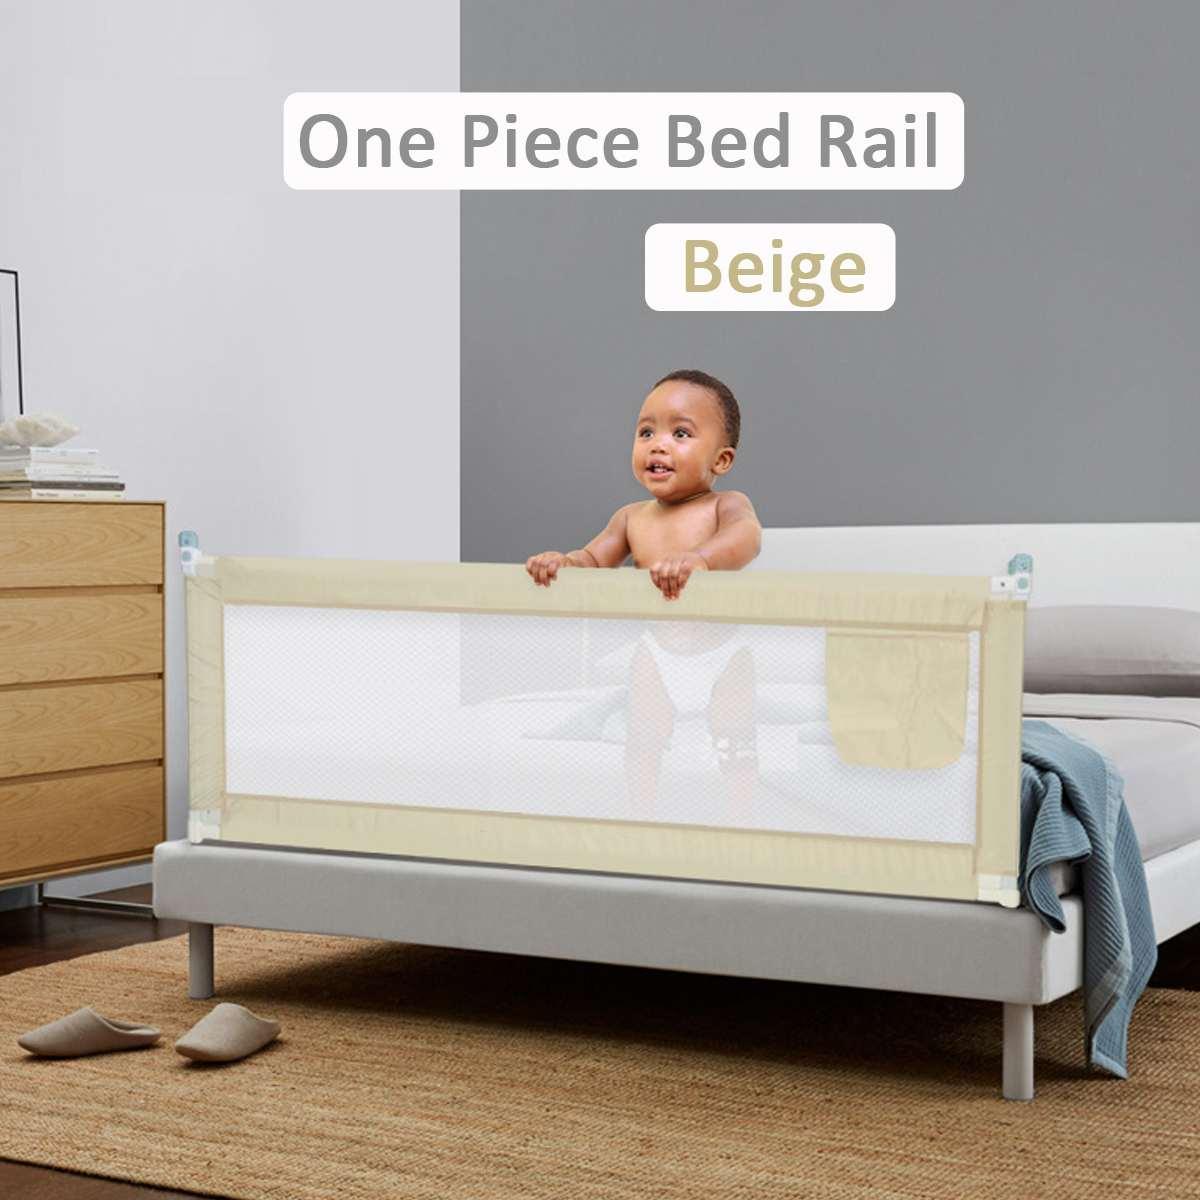 2 couleur 1.5/1.8/2 M nouveau-né bébé barrière de sécurité garde réglable lit Rail infantile lit poche parc enfants lit garde-corps berceau Rail